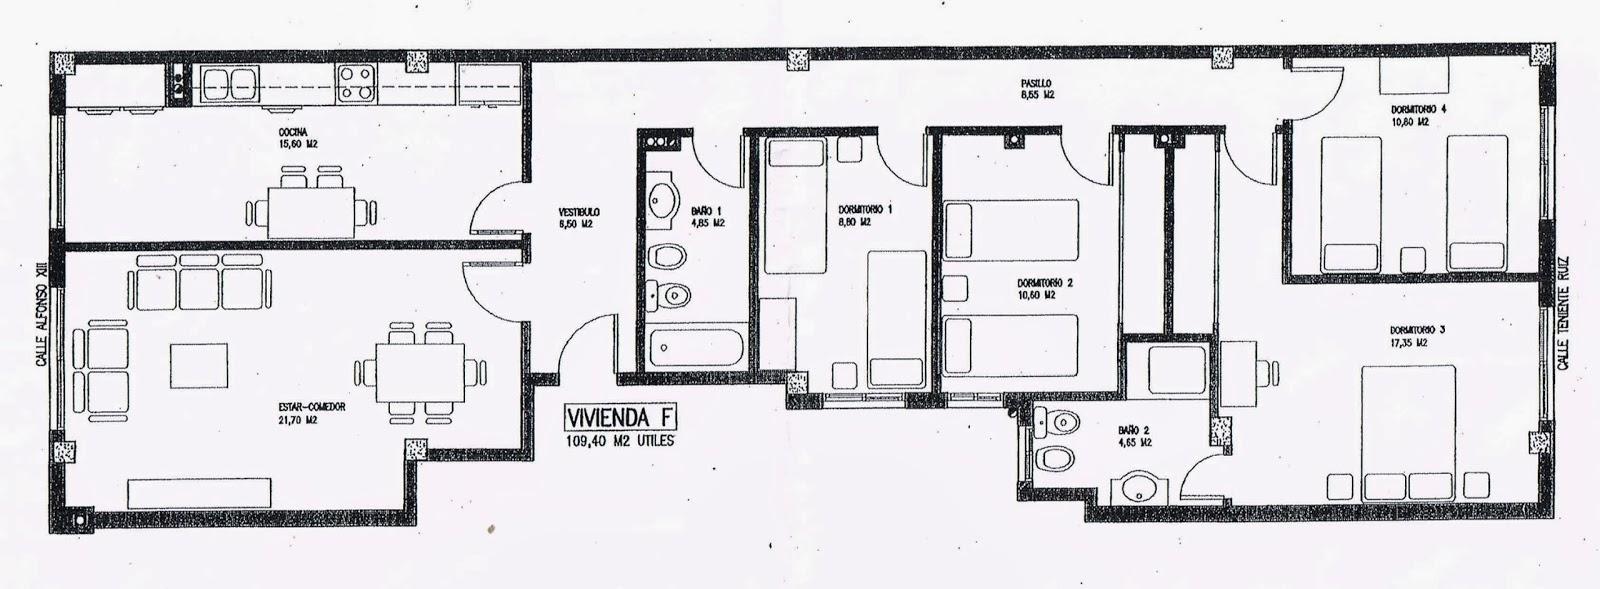 Planos low cost asun asesoramiento antes de comprar un - Antes de comprar un piso ...